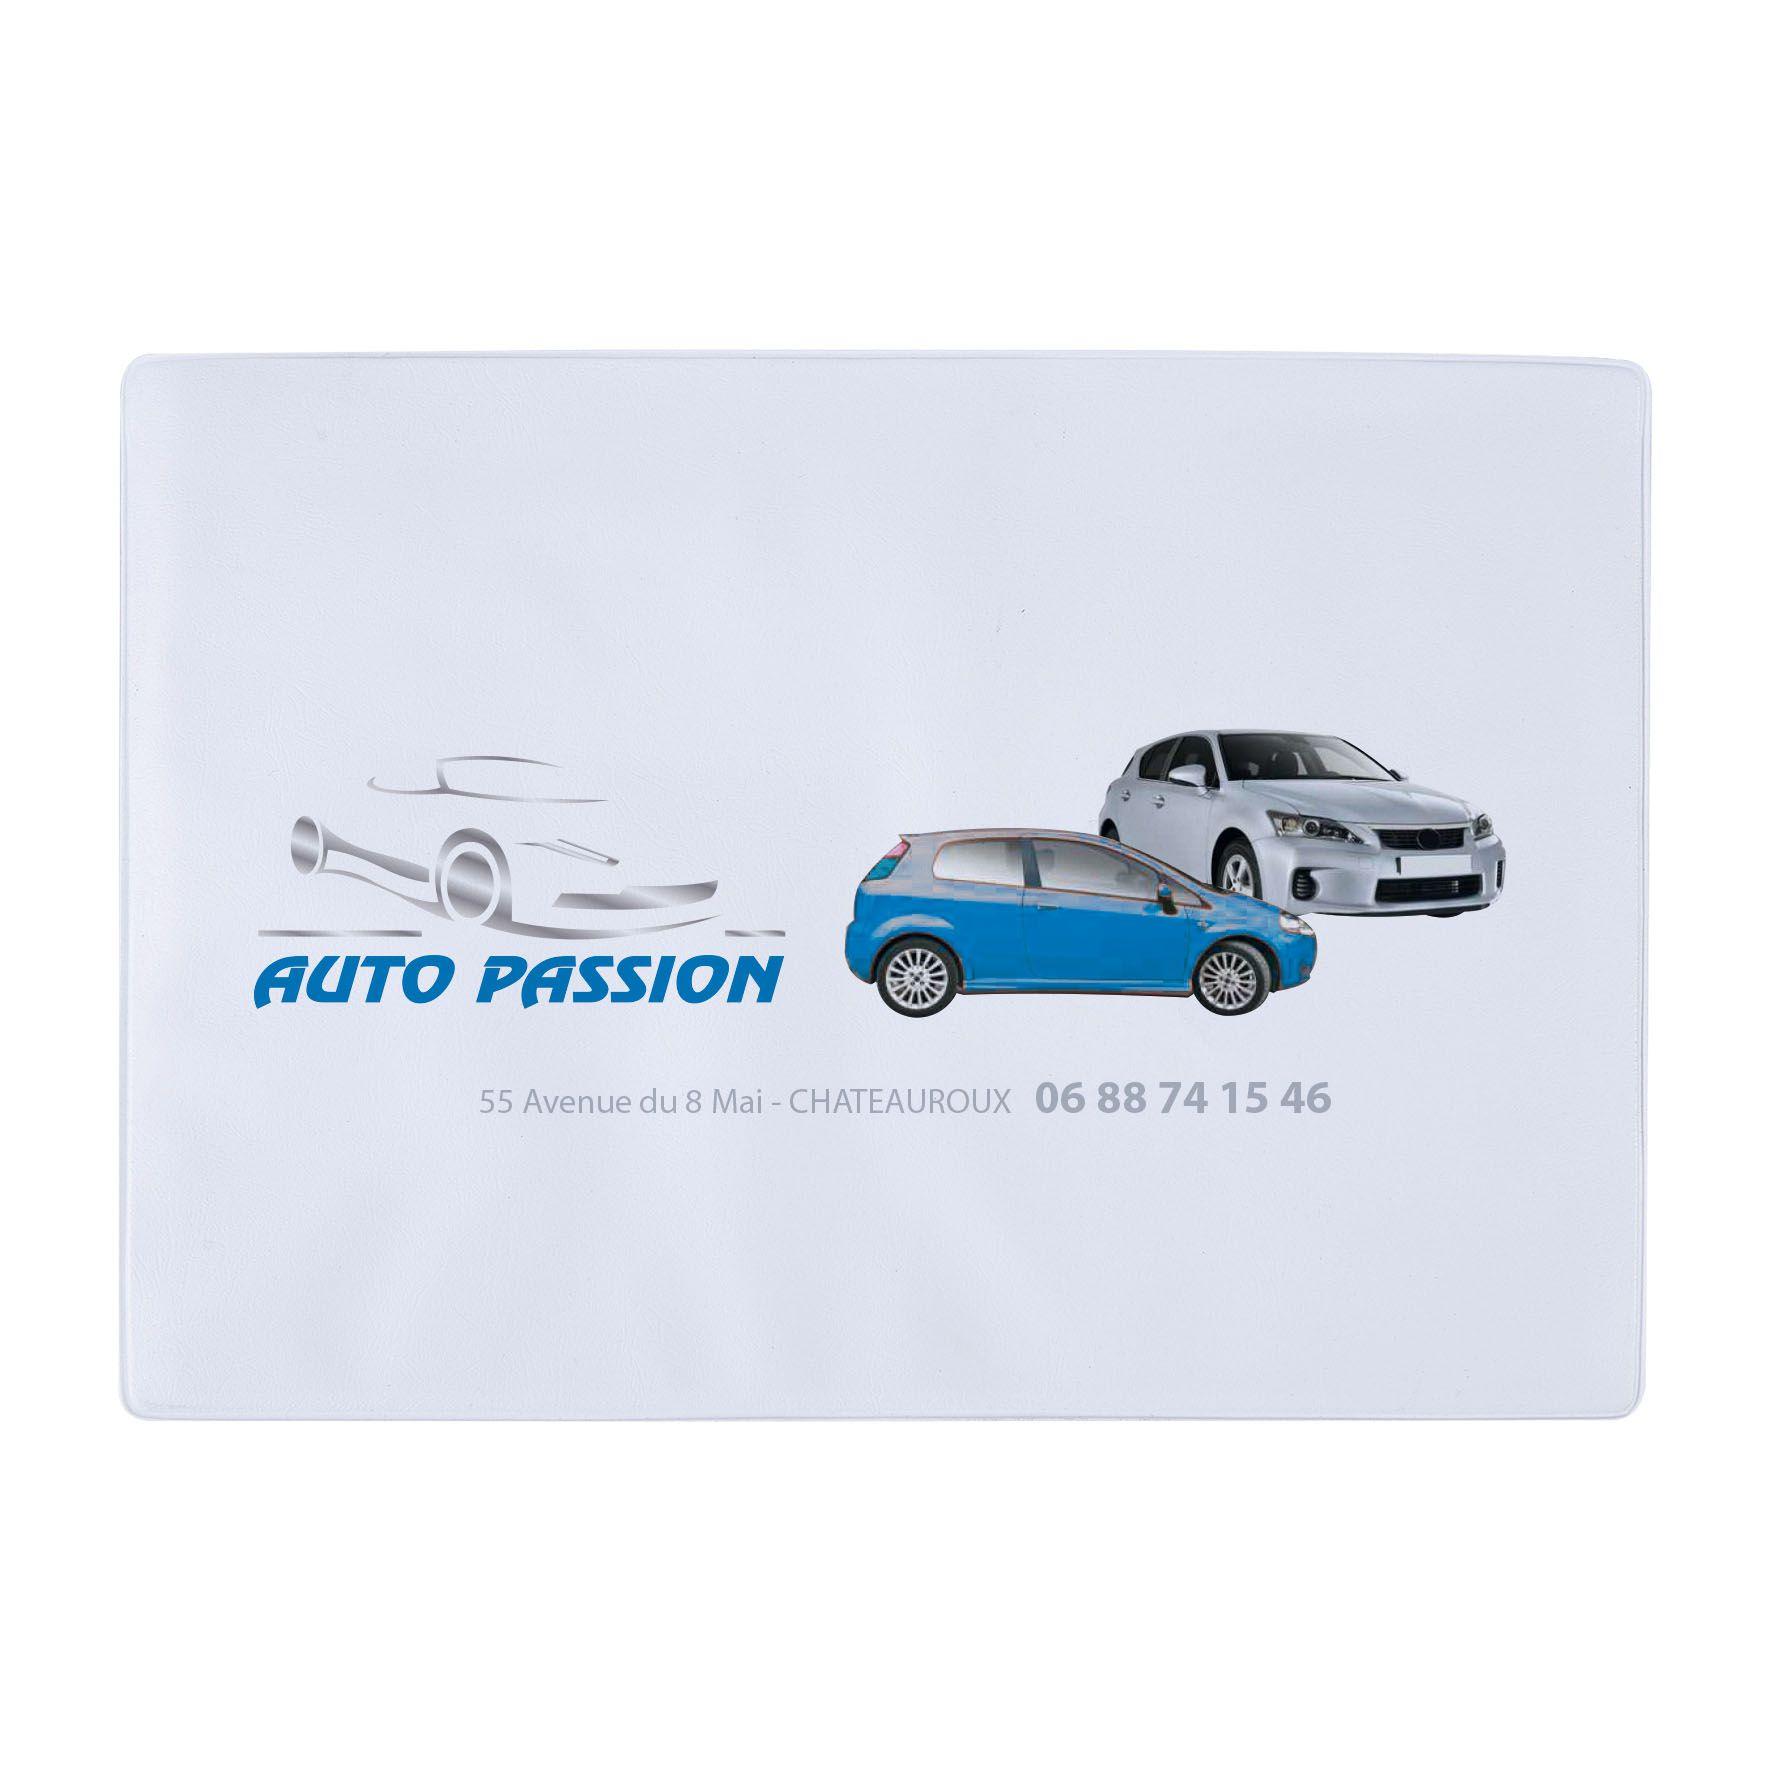 Objet promotionnel automobile - Porte-constat Auto - Pochette publicitaire Auto